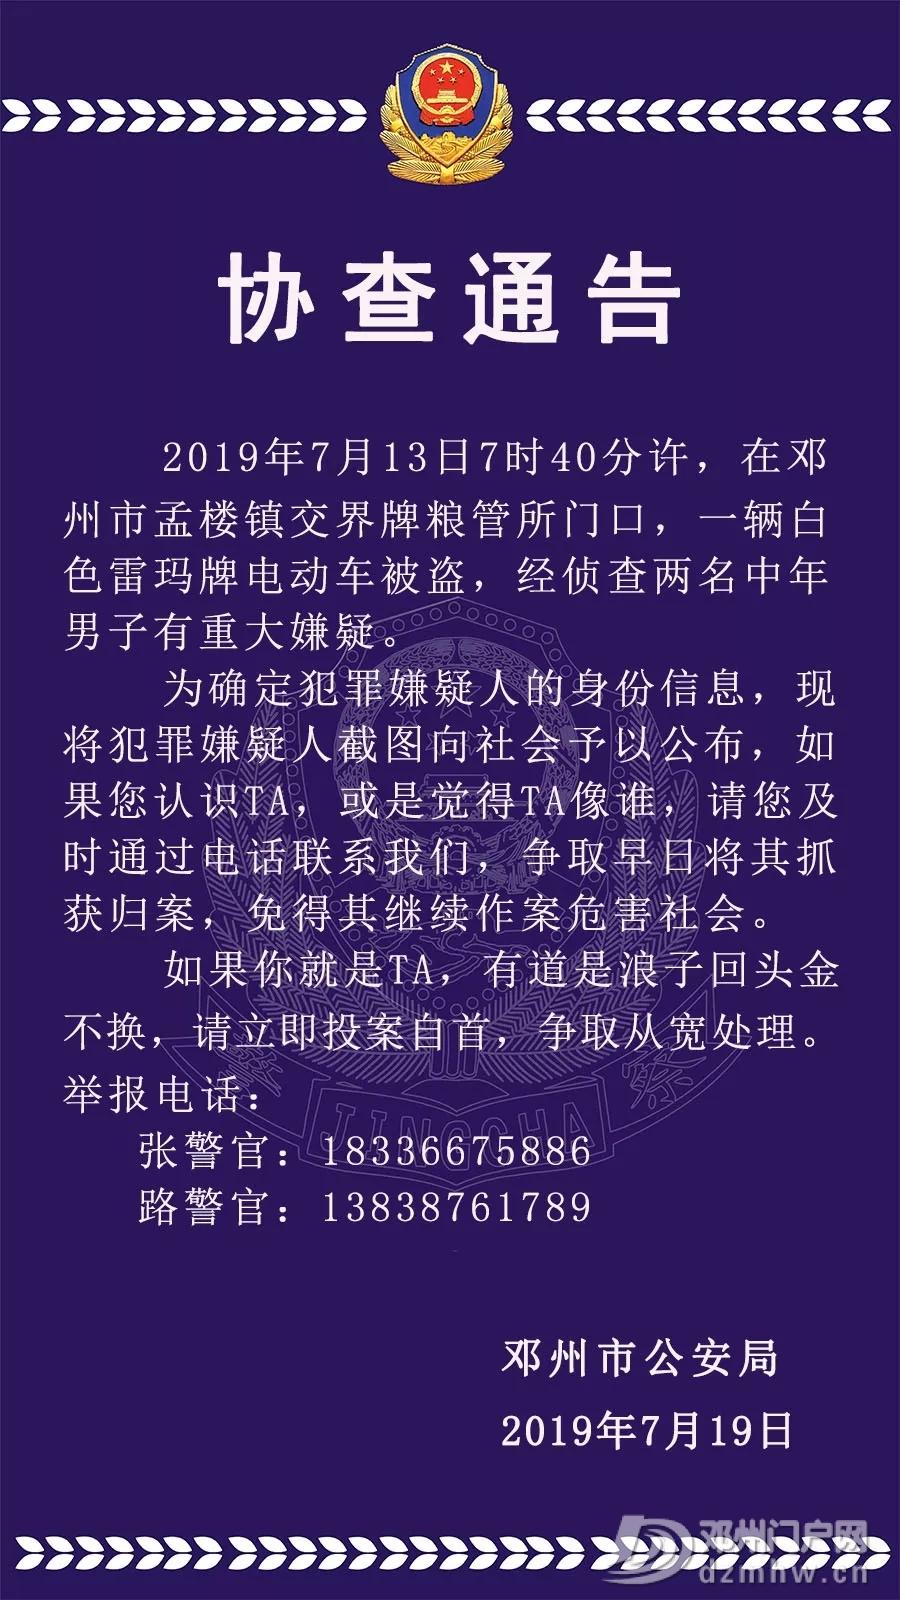 【邓州协查通告】谁认识这个男的,速报警 - 邓州门户网|邓州网 - 6401.webp2.jpg